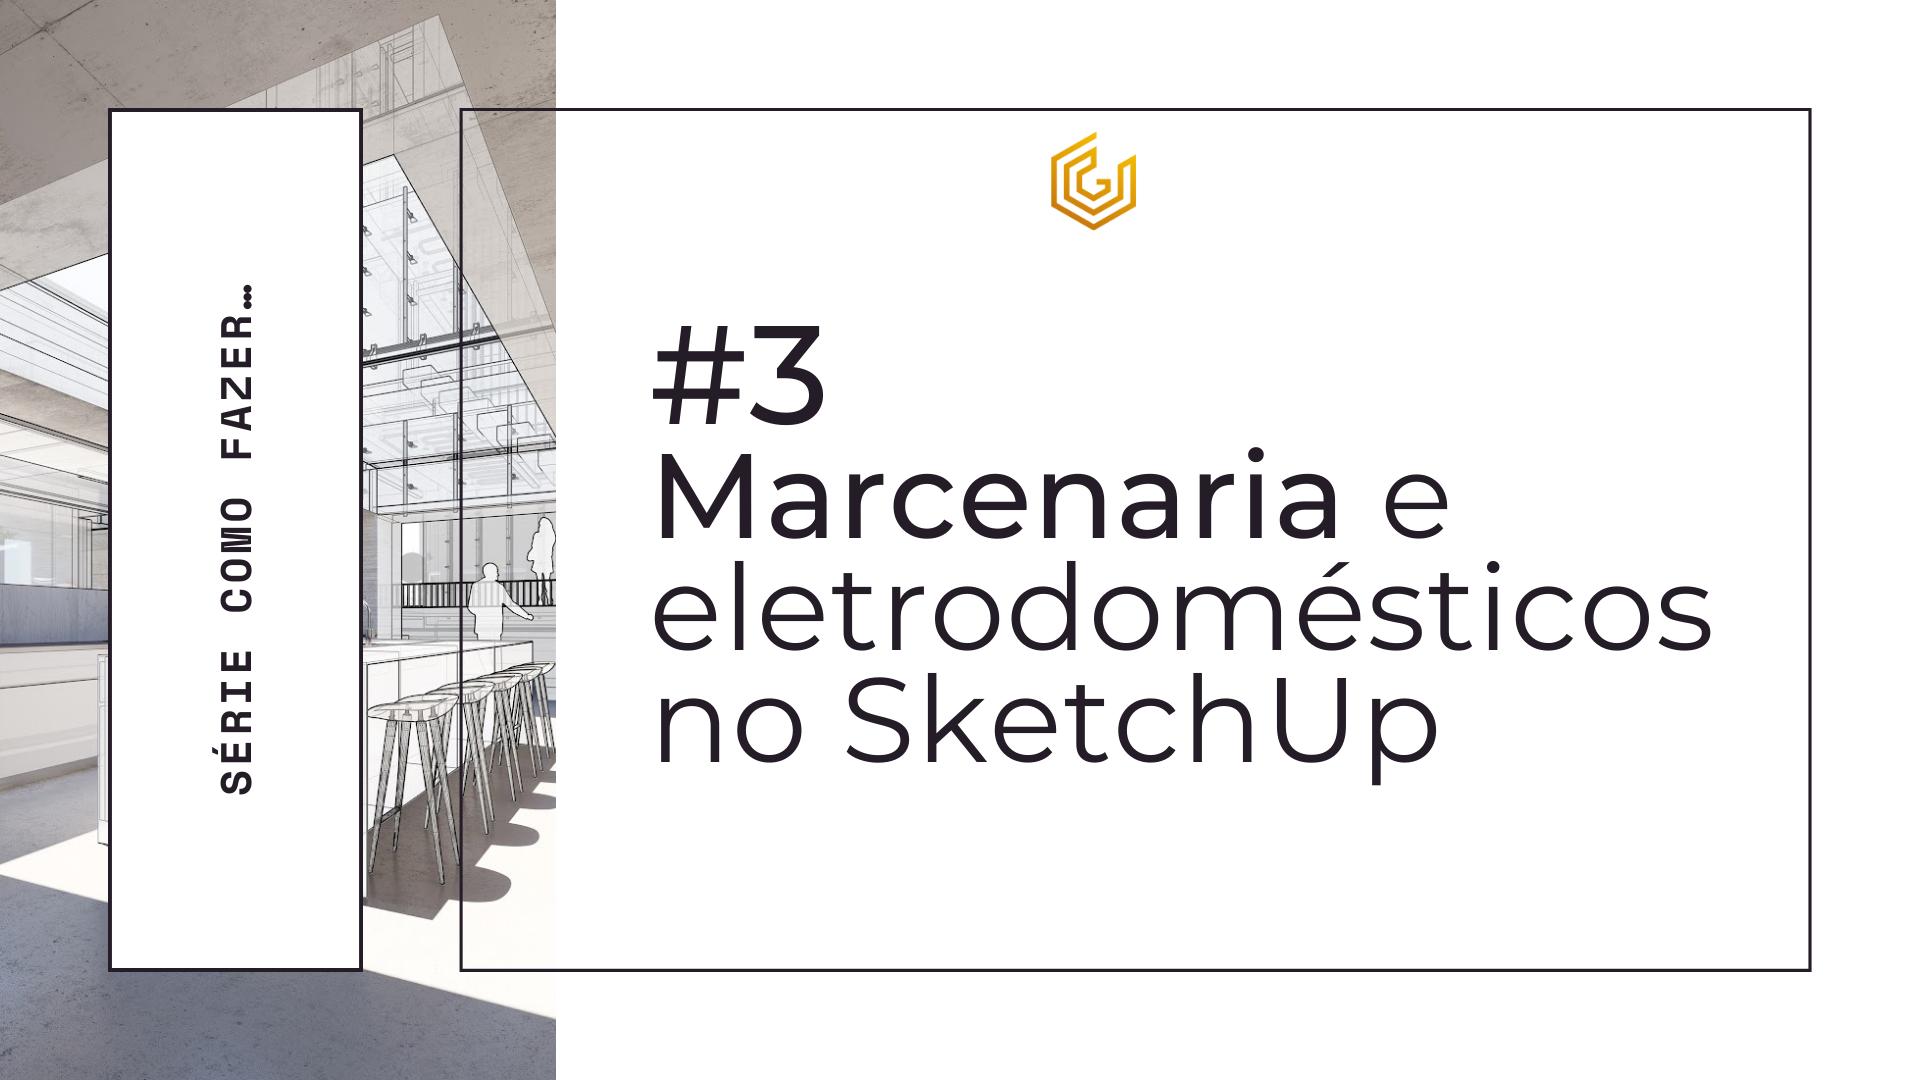 gabster marcenaria blocos sketchup